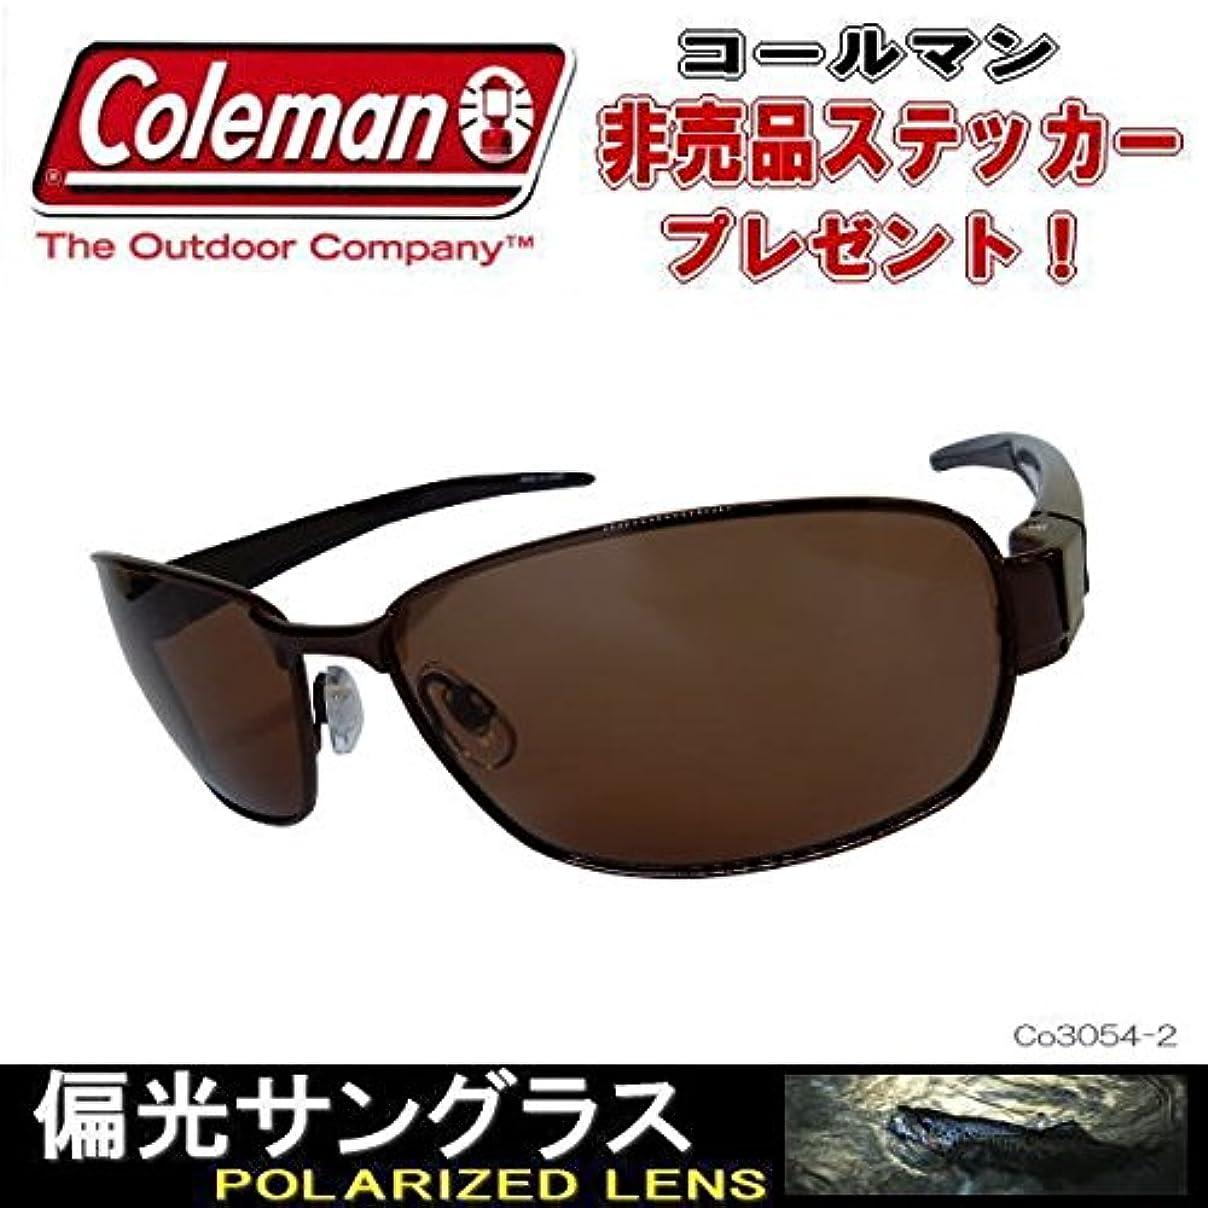 バスケットボール常習的グループColeman コールマン 偏光サングラス Co3054 ( 3054-1/SM 3054-2/BR)非売品ステッカー付